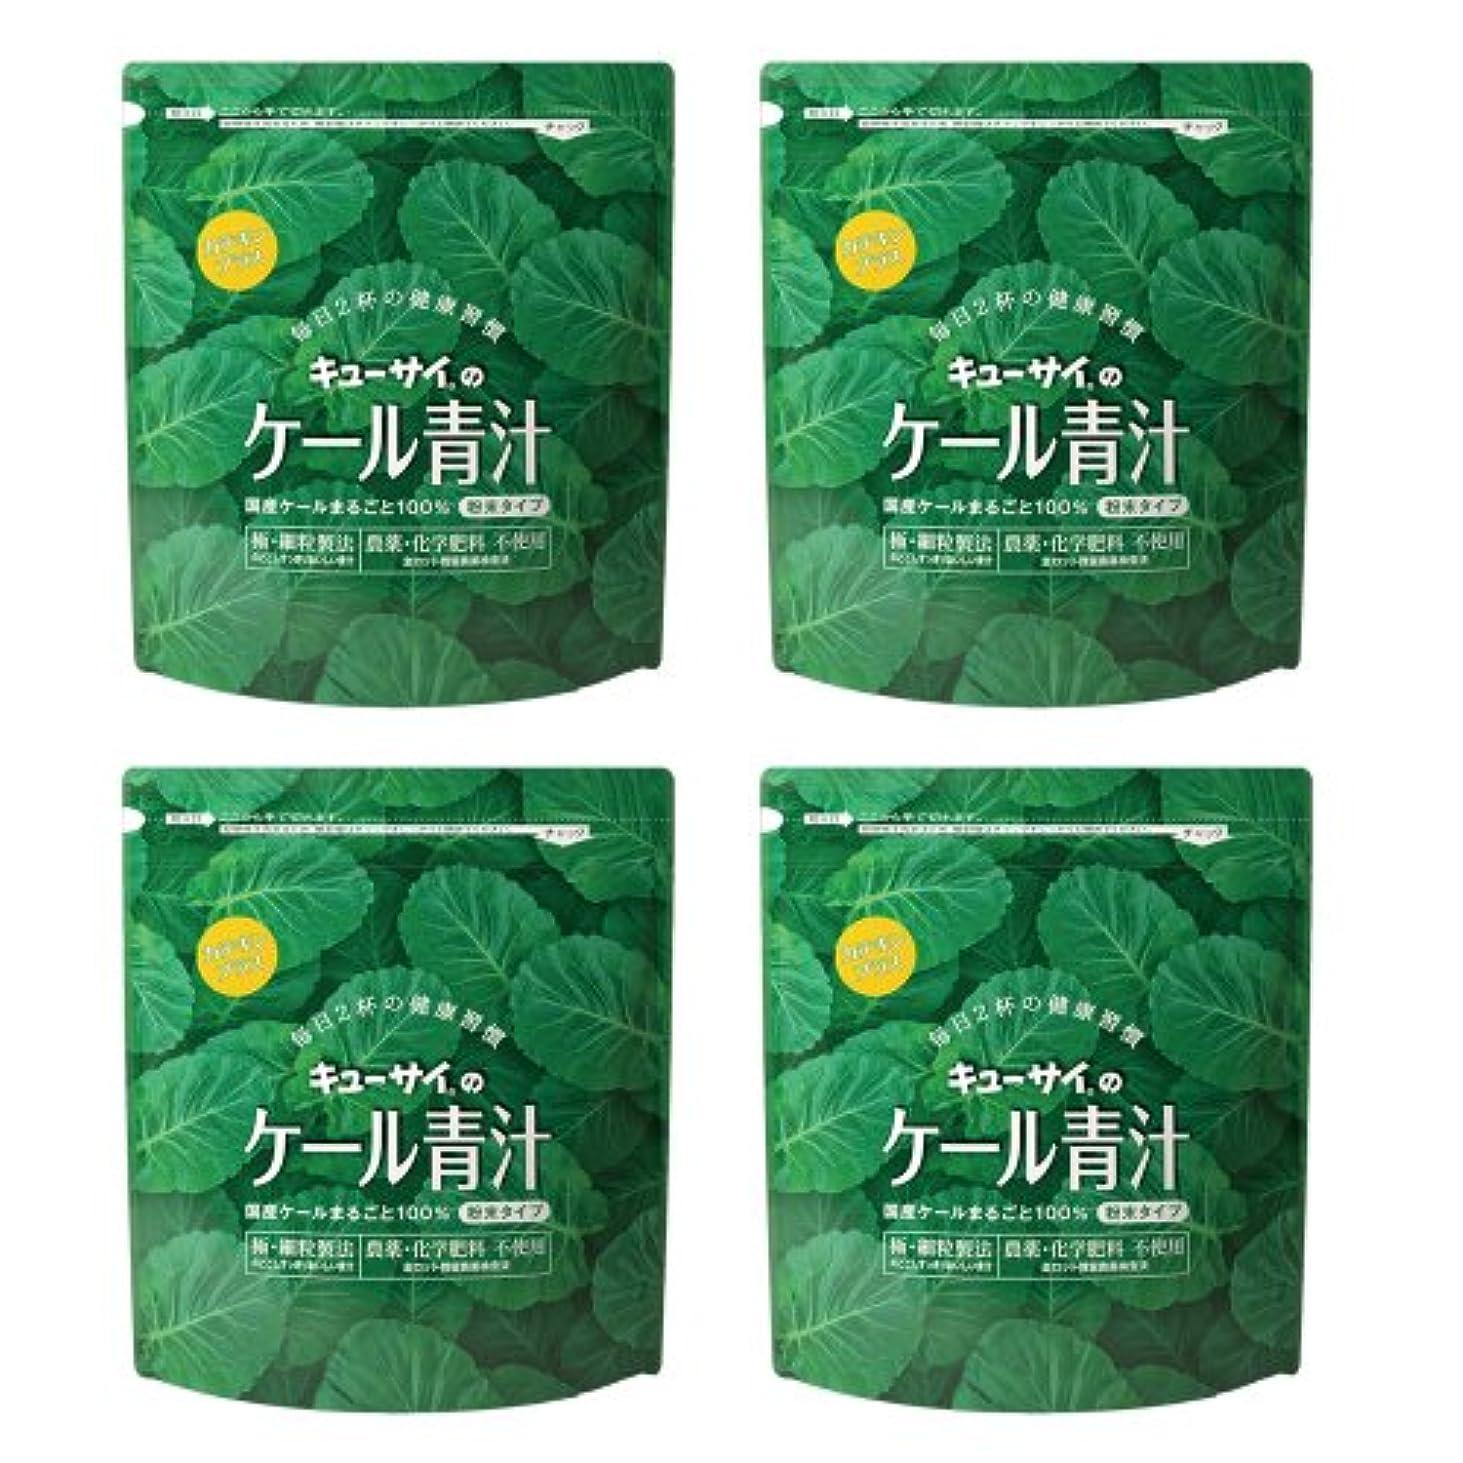 損なうひばりページェントキューサイ青汁カテキンプラス420g(粉末タイプ)4袋まとめ買い【1袋420g(約1カ月分)】